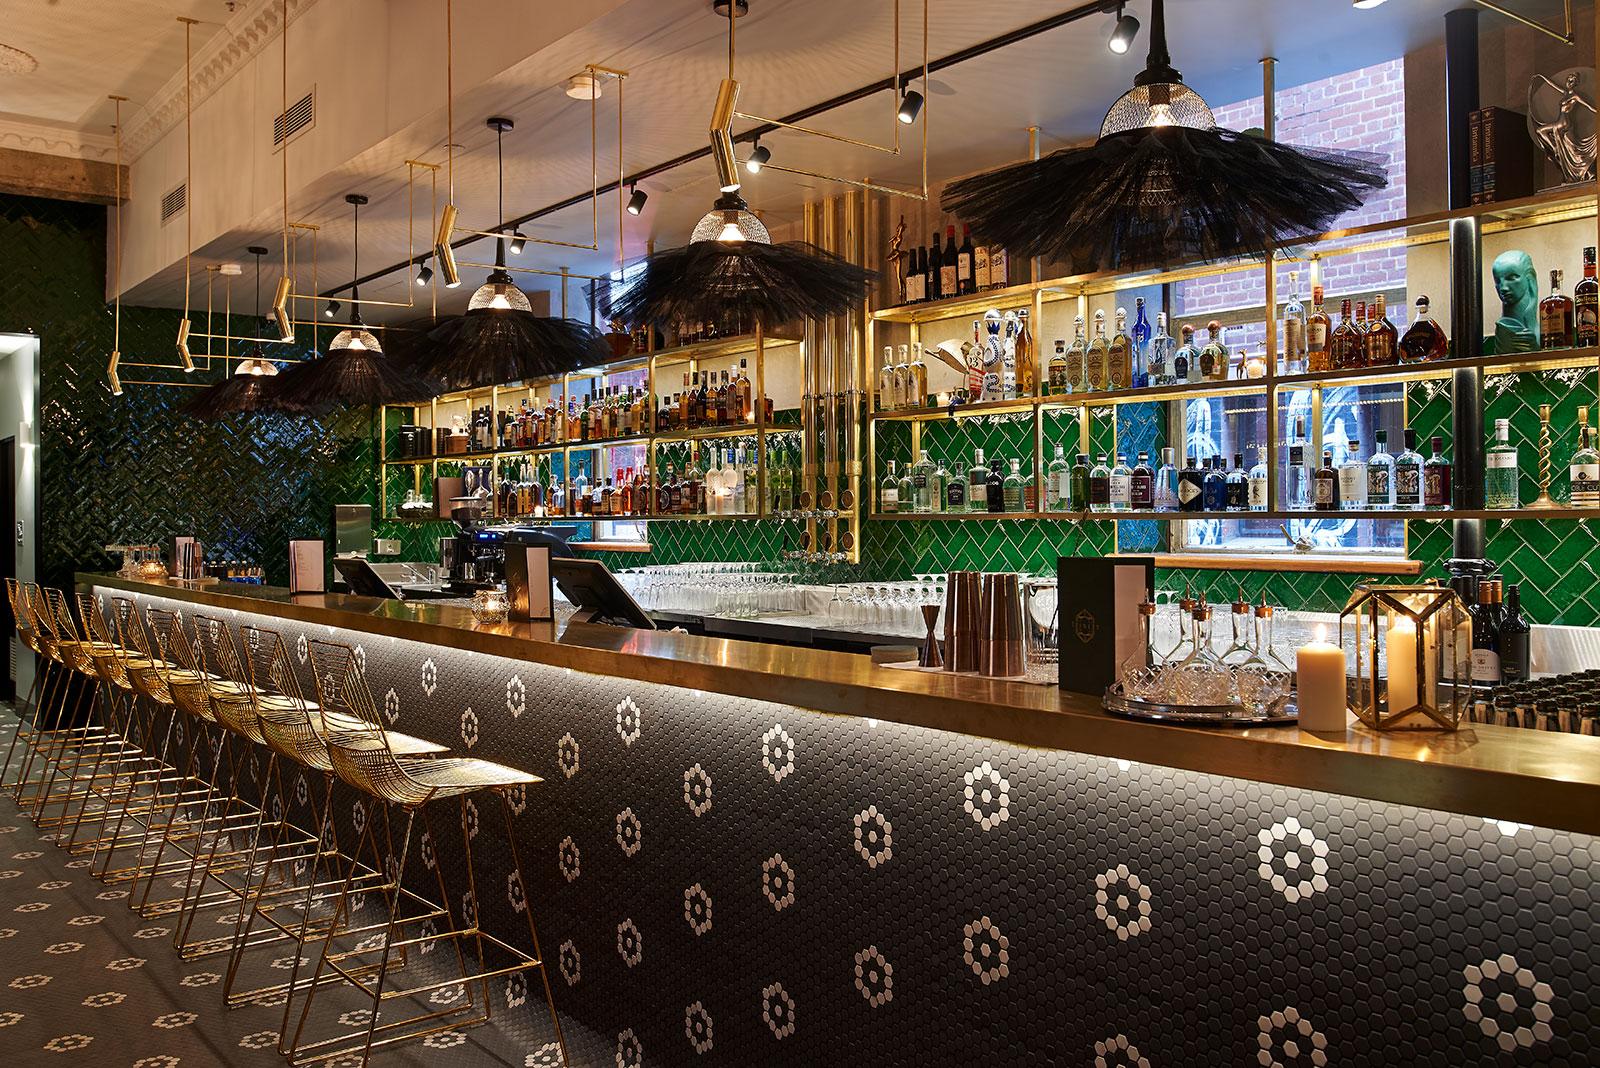 melbourne hidden cocktail bar trinket